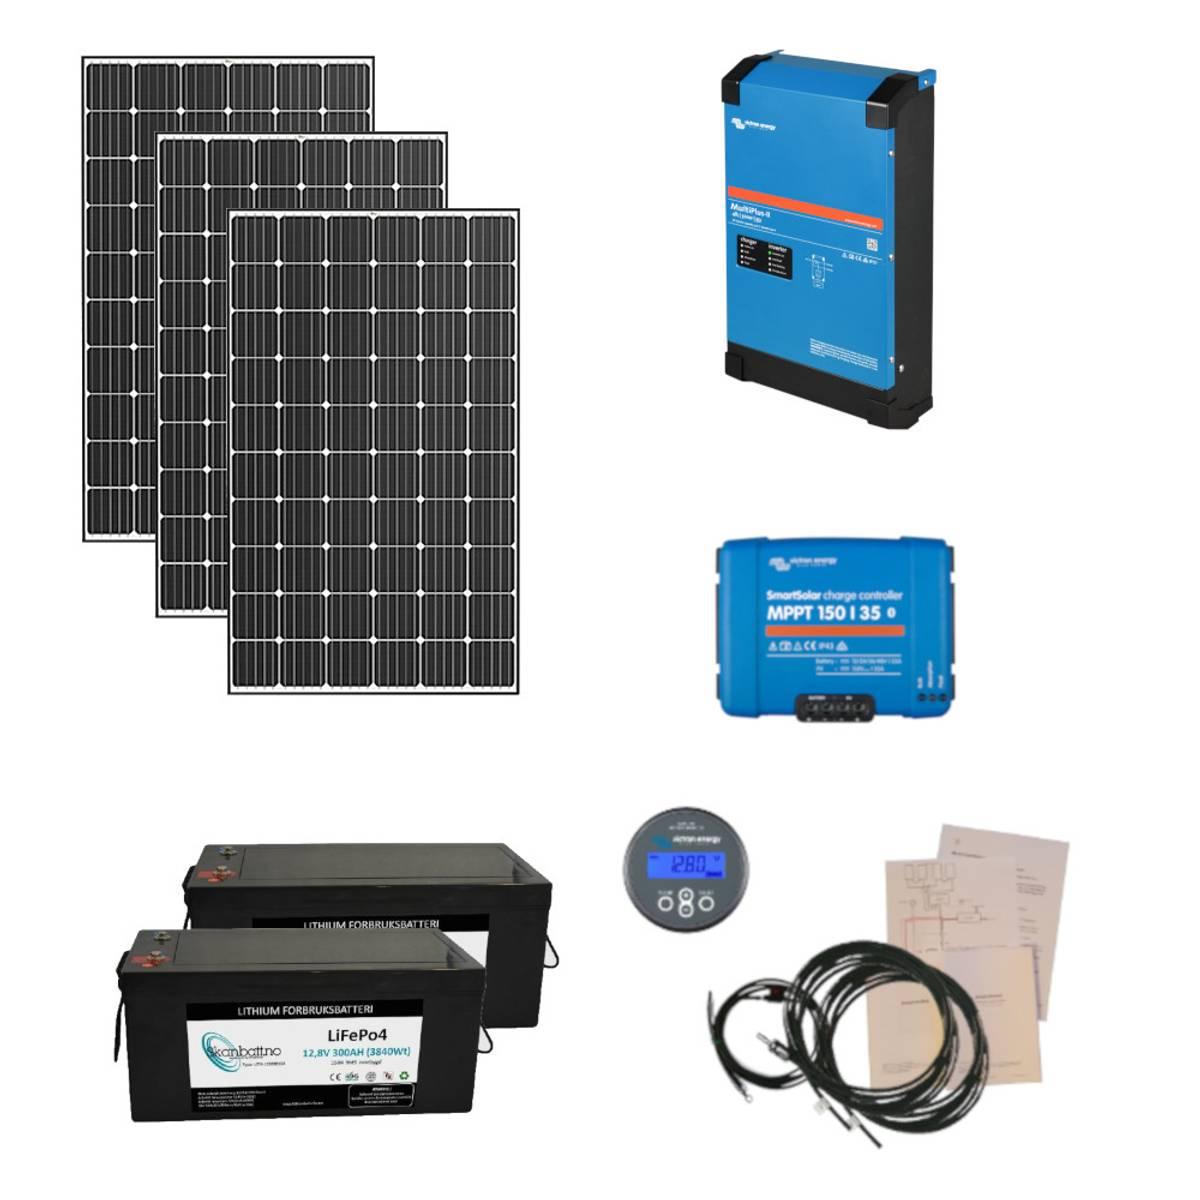 Kraftpakke 230V 3kW + 960W solceller - Byggesett